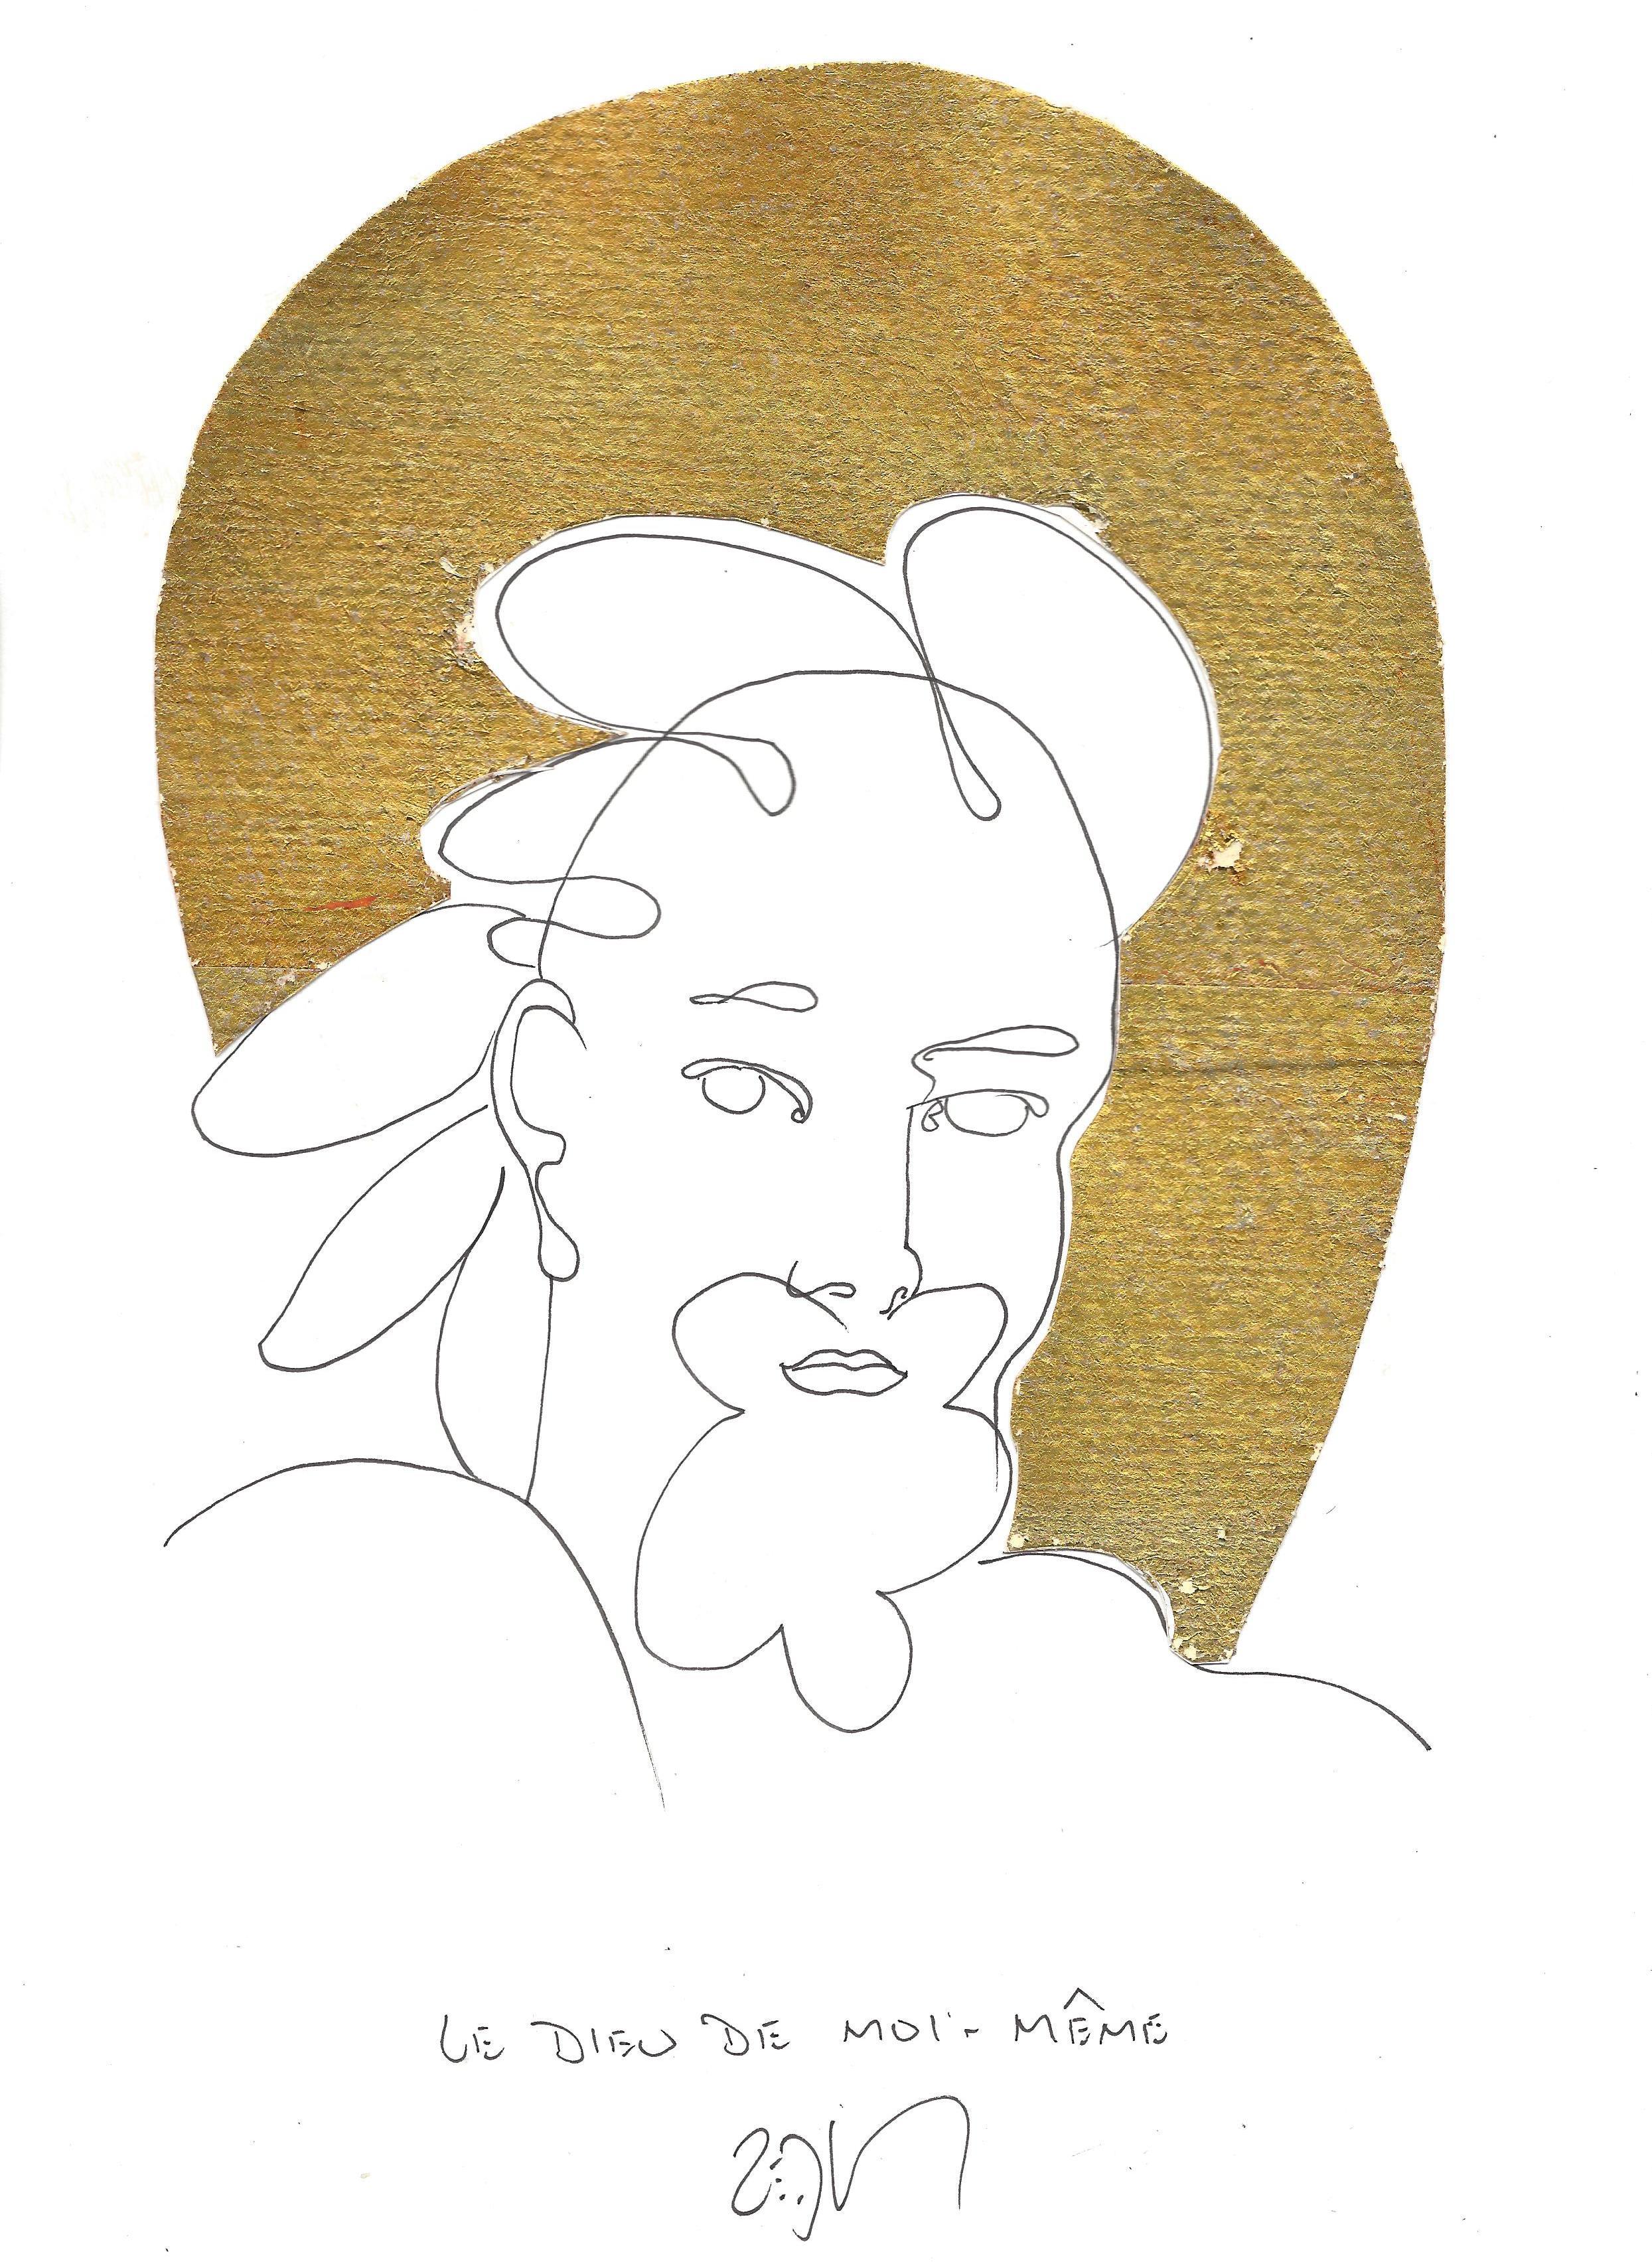 « The god of myself – Le dieu de moi-même »